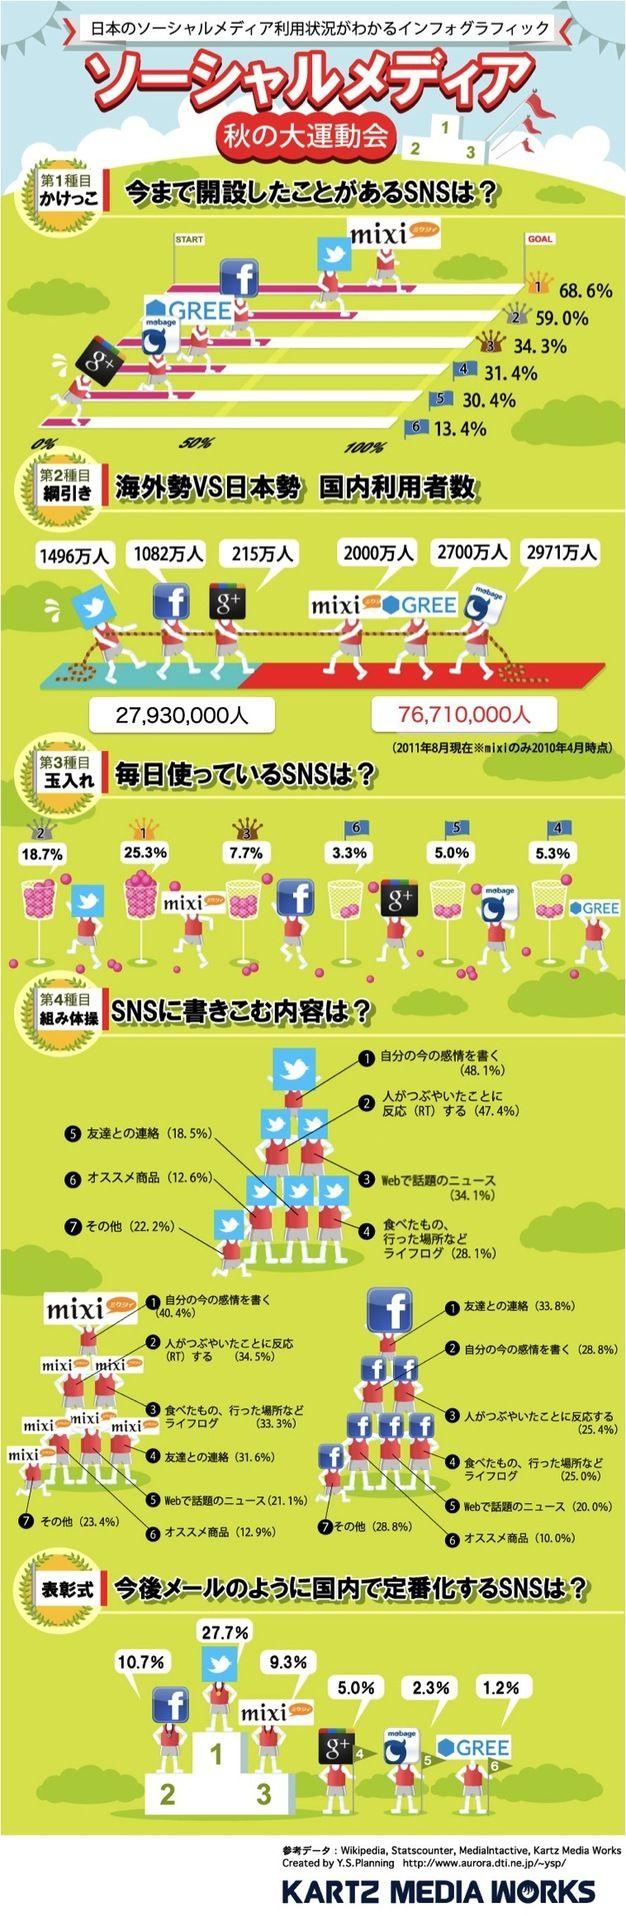 日本のソーシャルメディアの利用状況が1枚でわかるインフォグラフィック